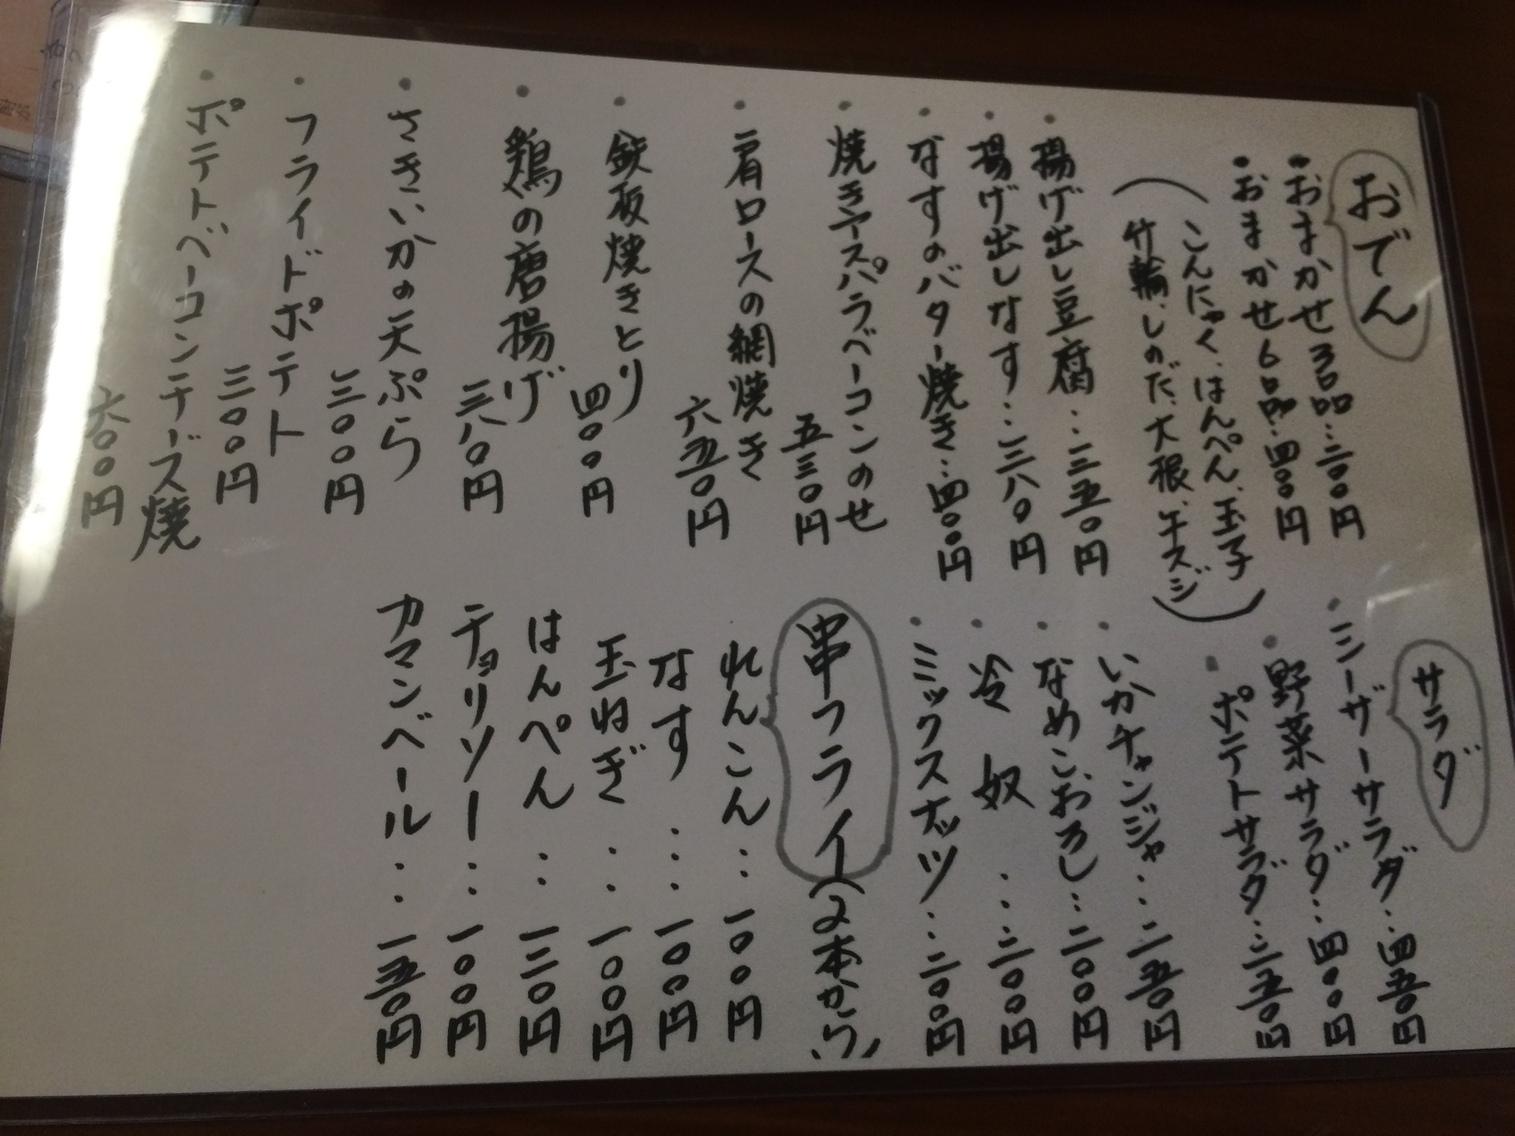 呑喰処 黒田屋 name=